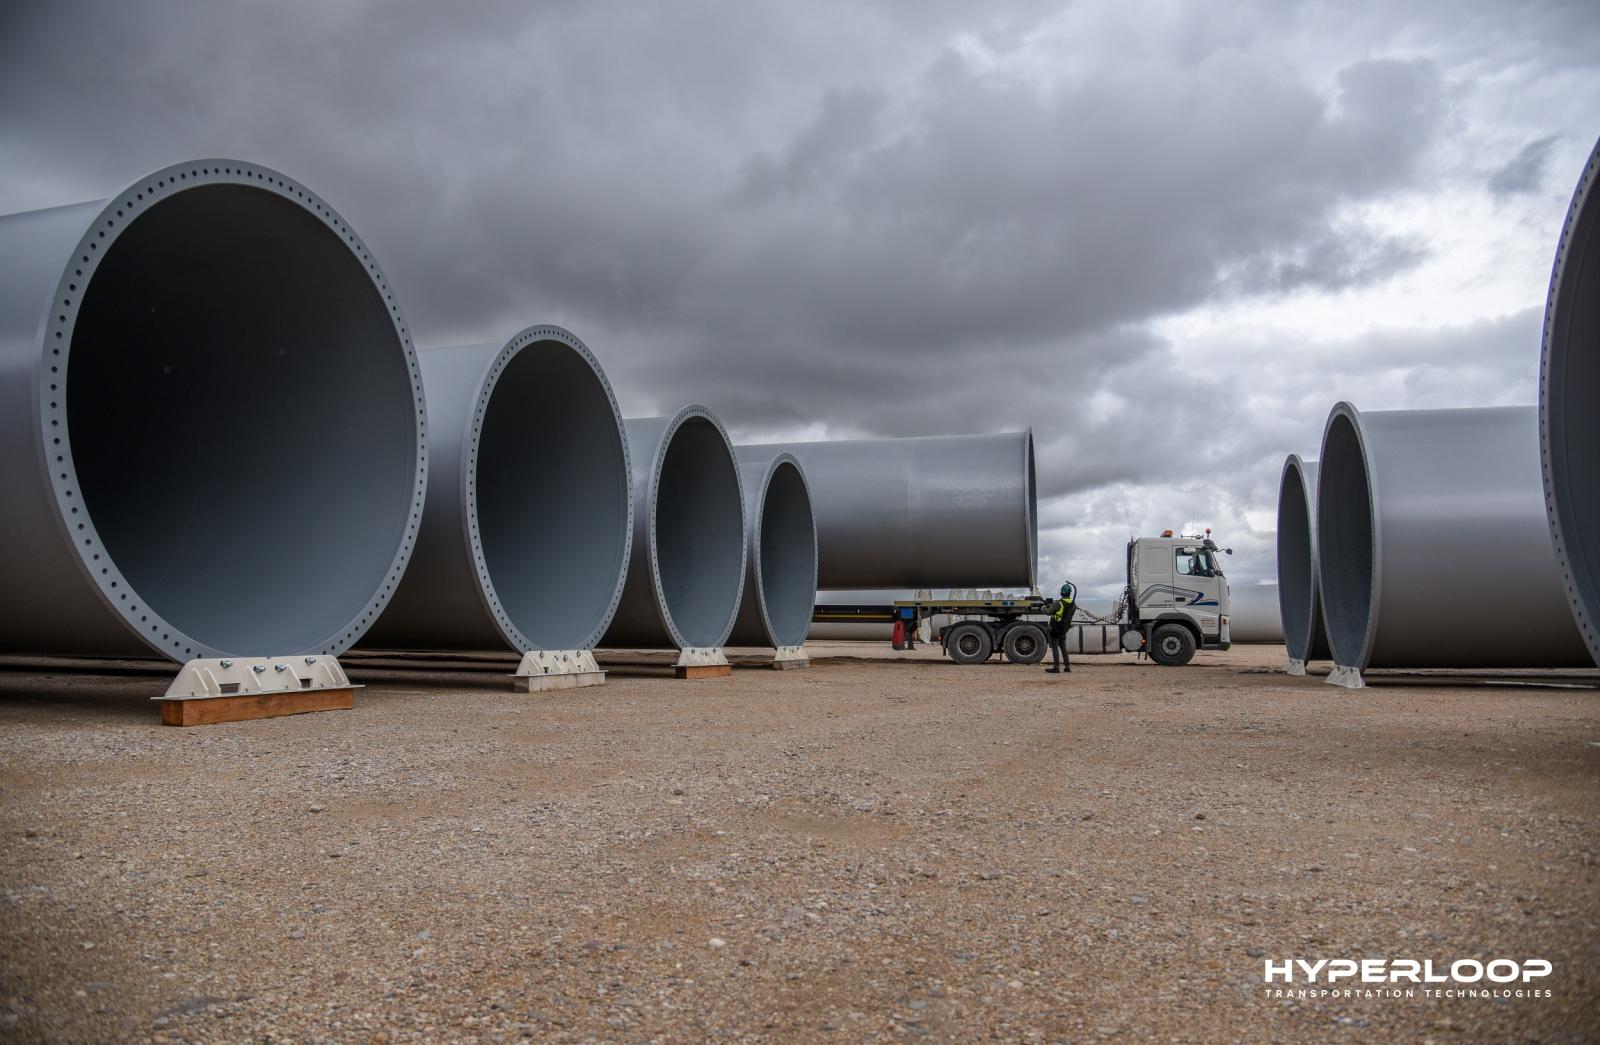 Hyperloop планирует построить первую ветку в Абу-Даби в 2019 году - 4